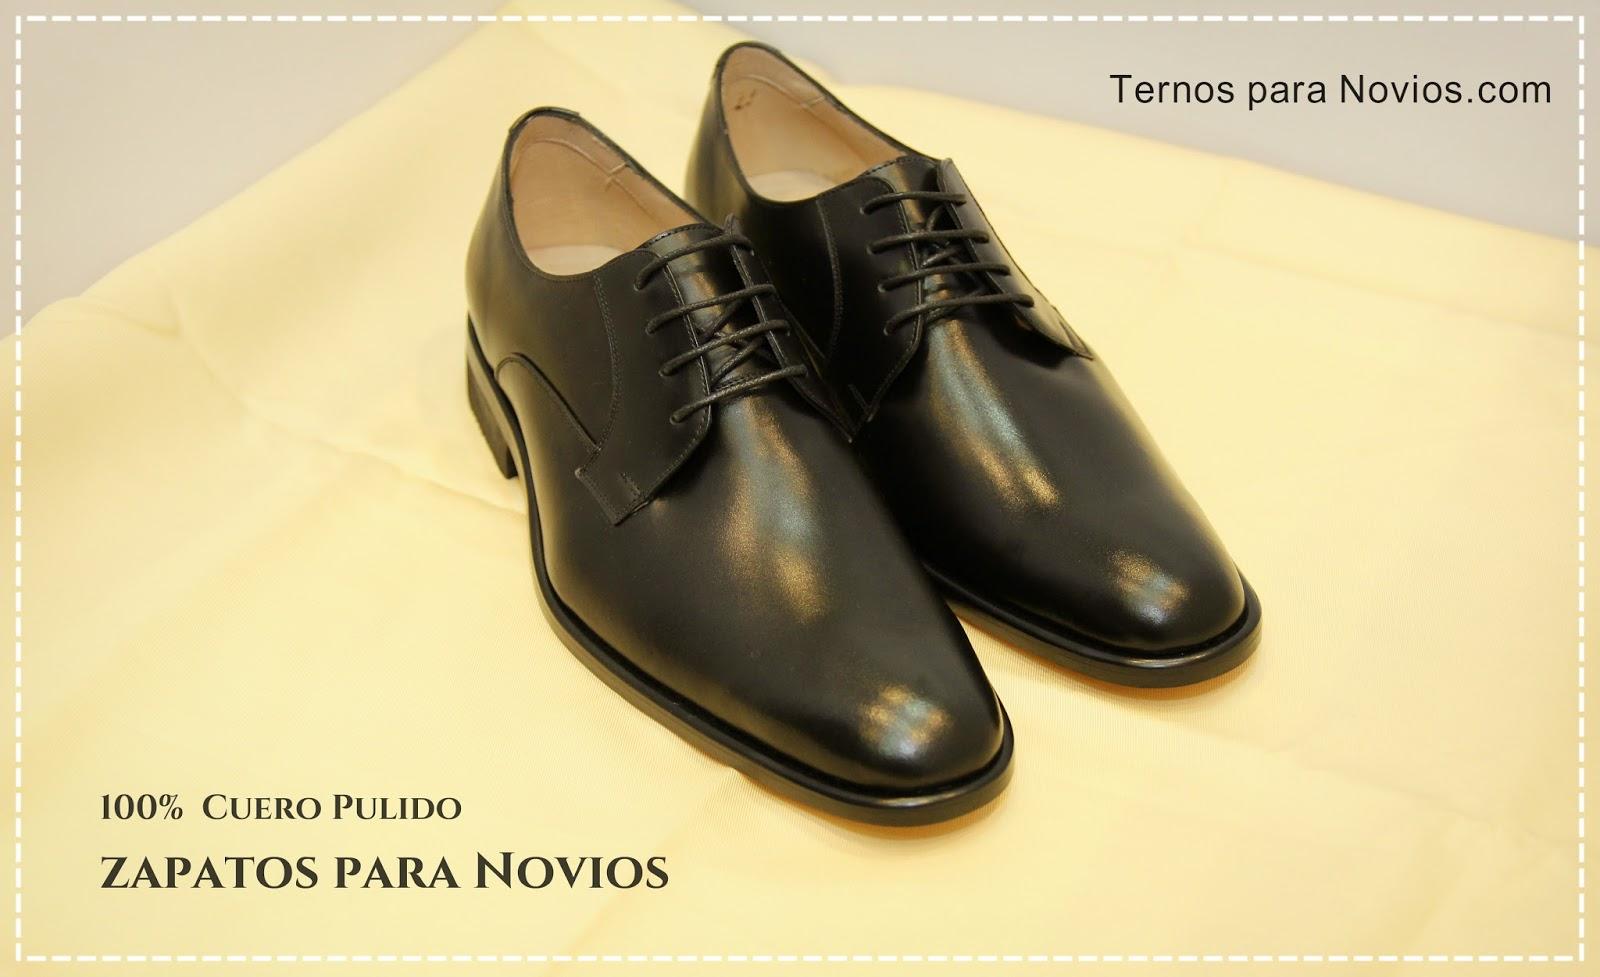 7548eb68ab Zapatos para Novios o Tuxedo - Esmoquin - Elegantísimo